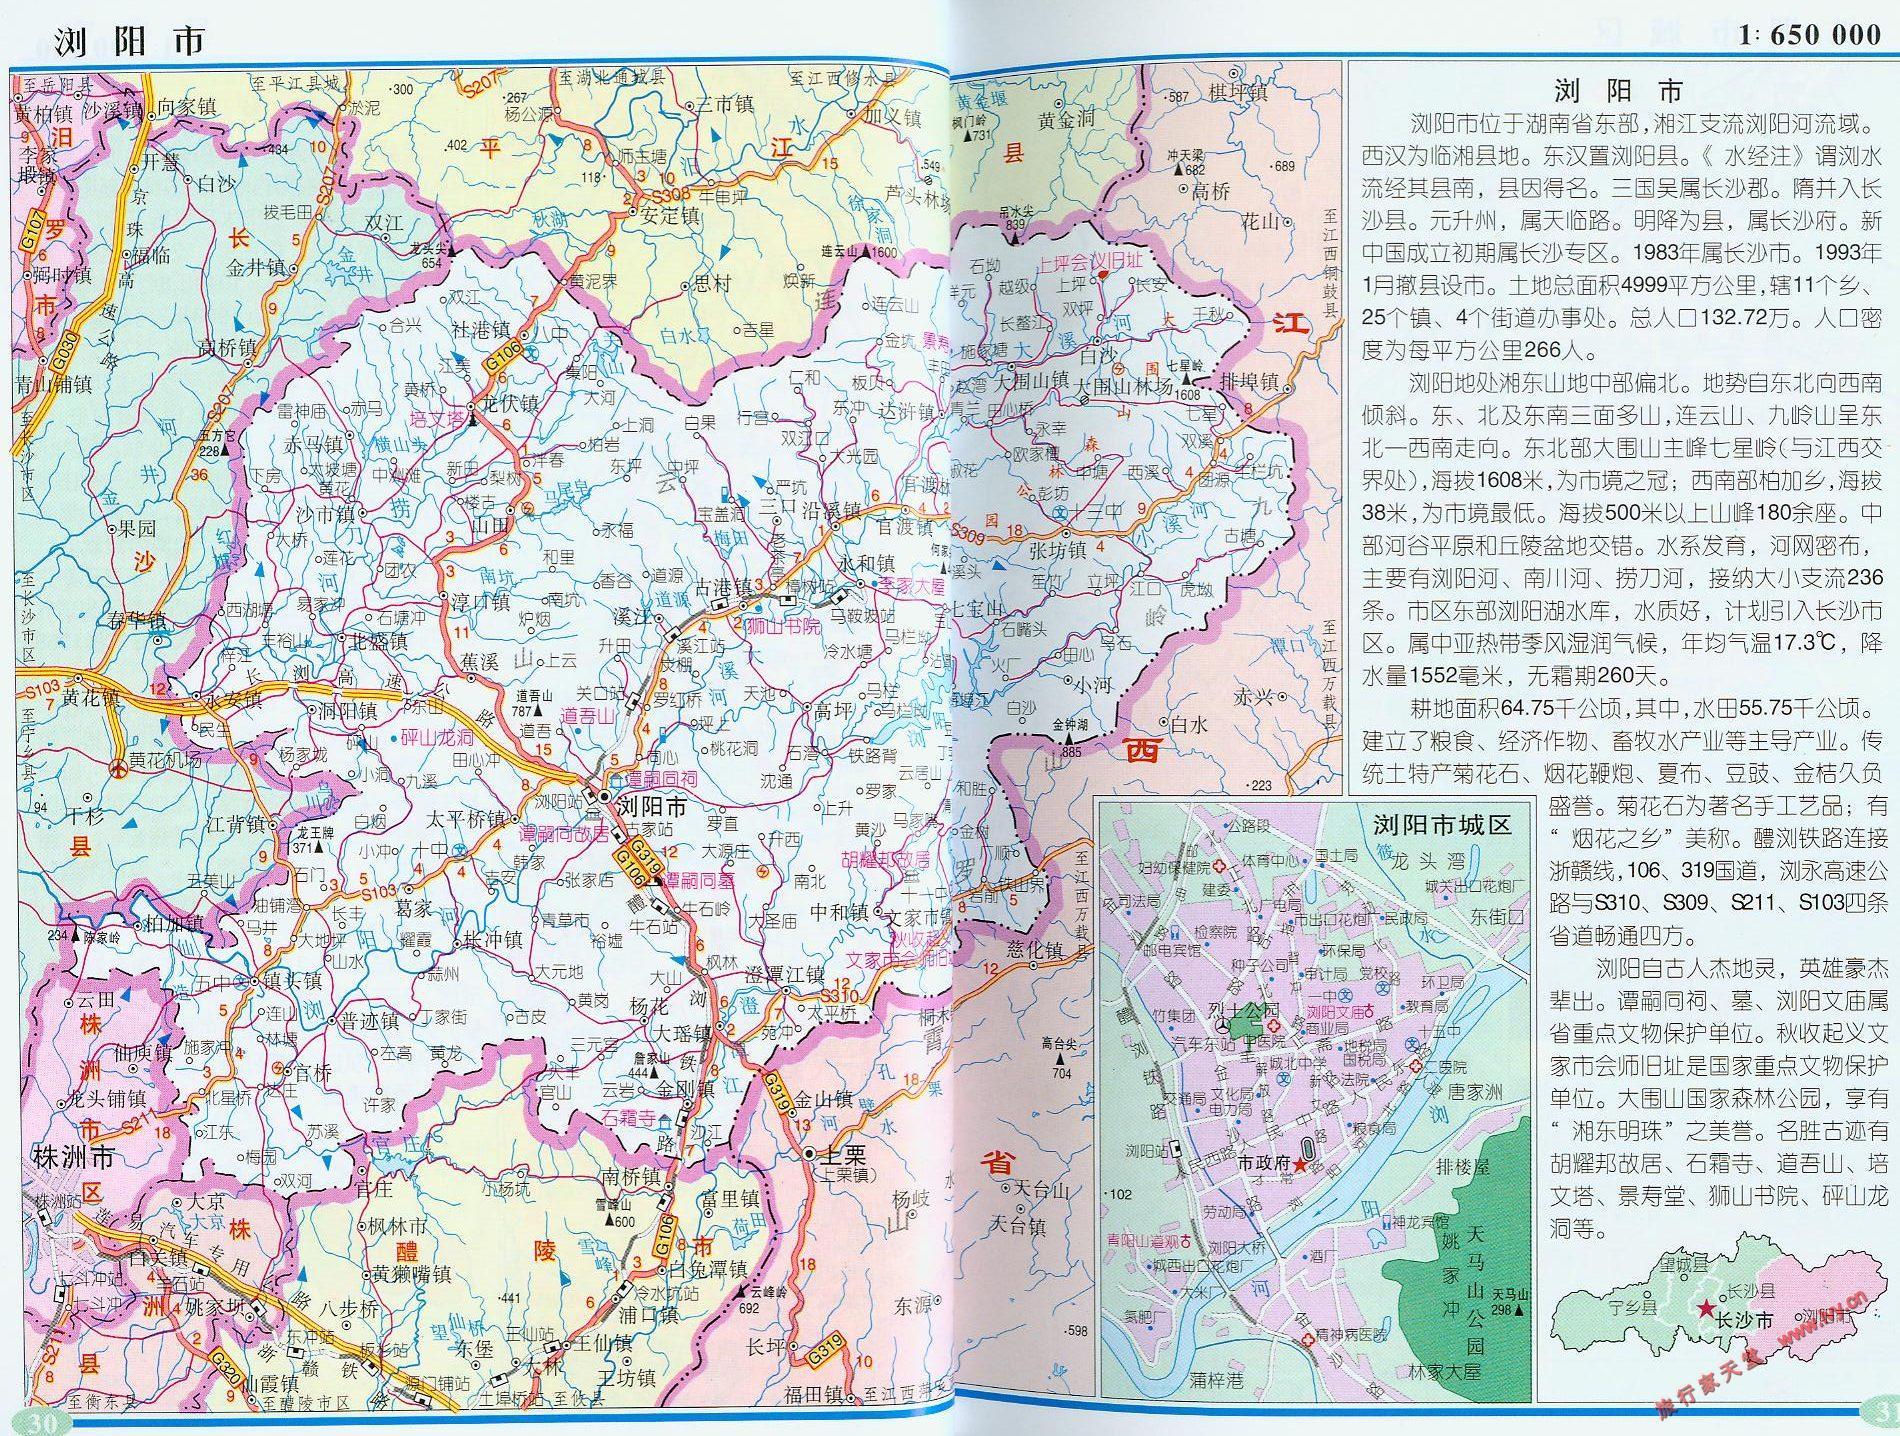 湖南长沙市地图全图_湖南长沙市地图全图